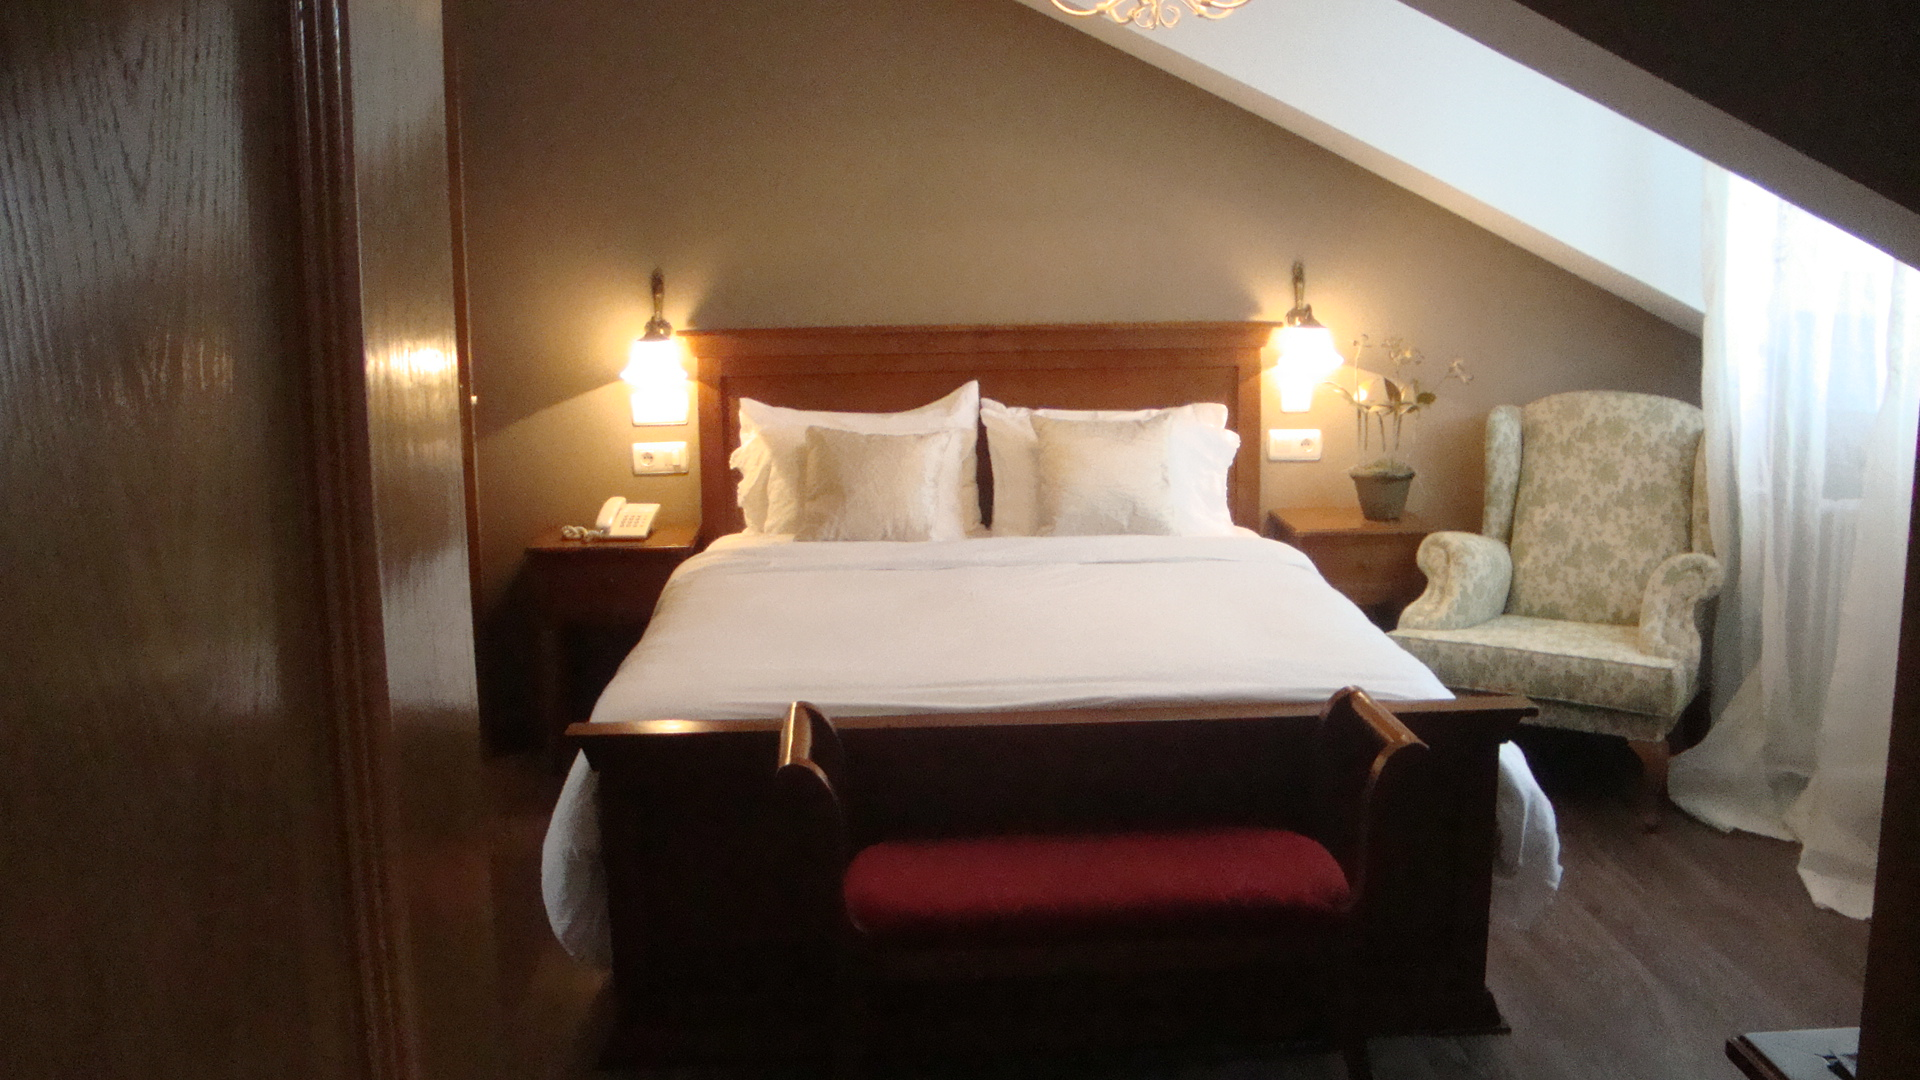 Habitaciones  Hotel Casona Naviega en Navia Asturias